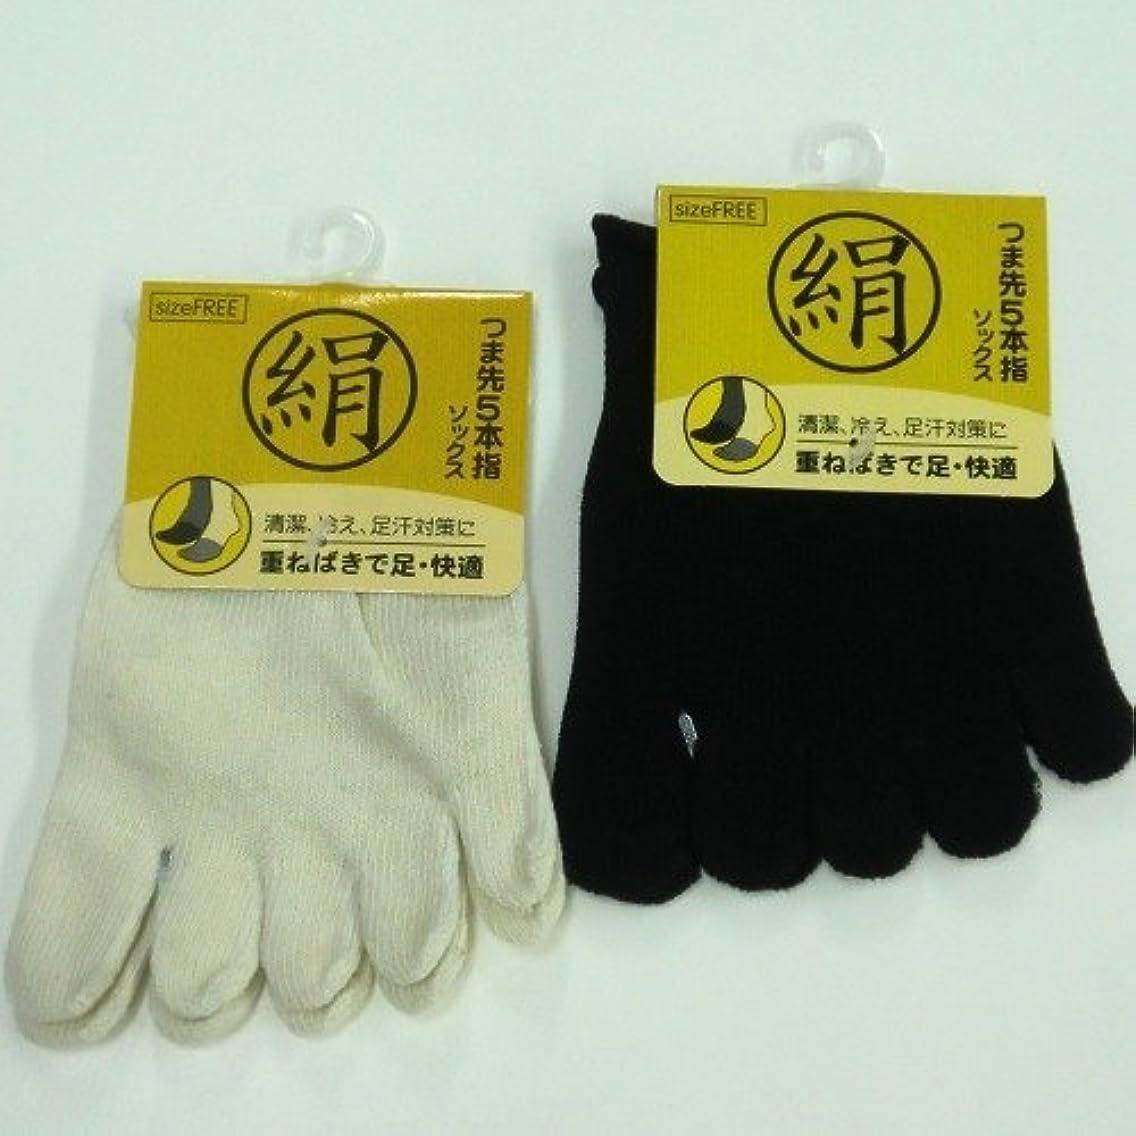 洋服スクリュー巻き取りシルク 5本指ハーフソックス 足指カバー 天然素材絹で抗菌防臭 4足組